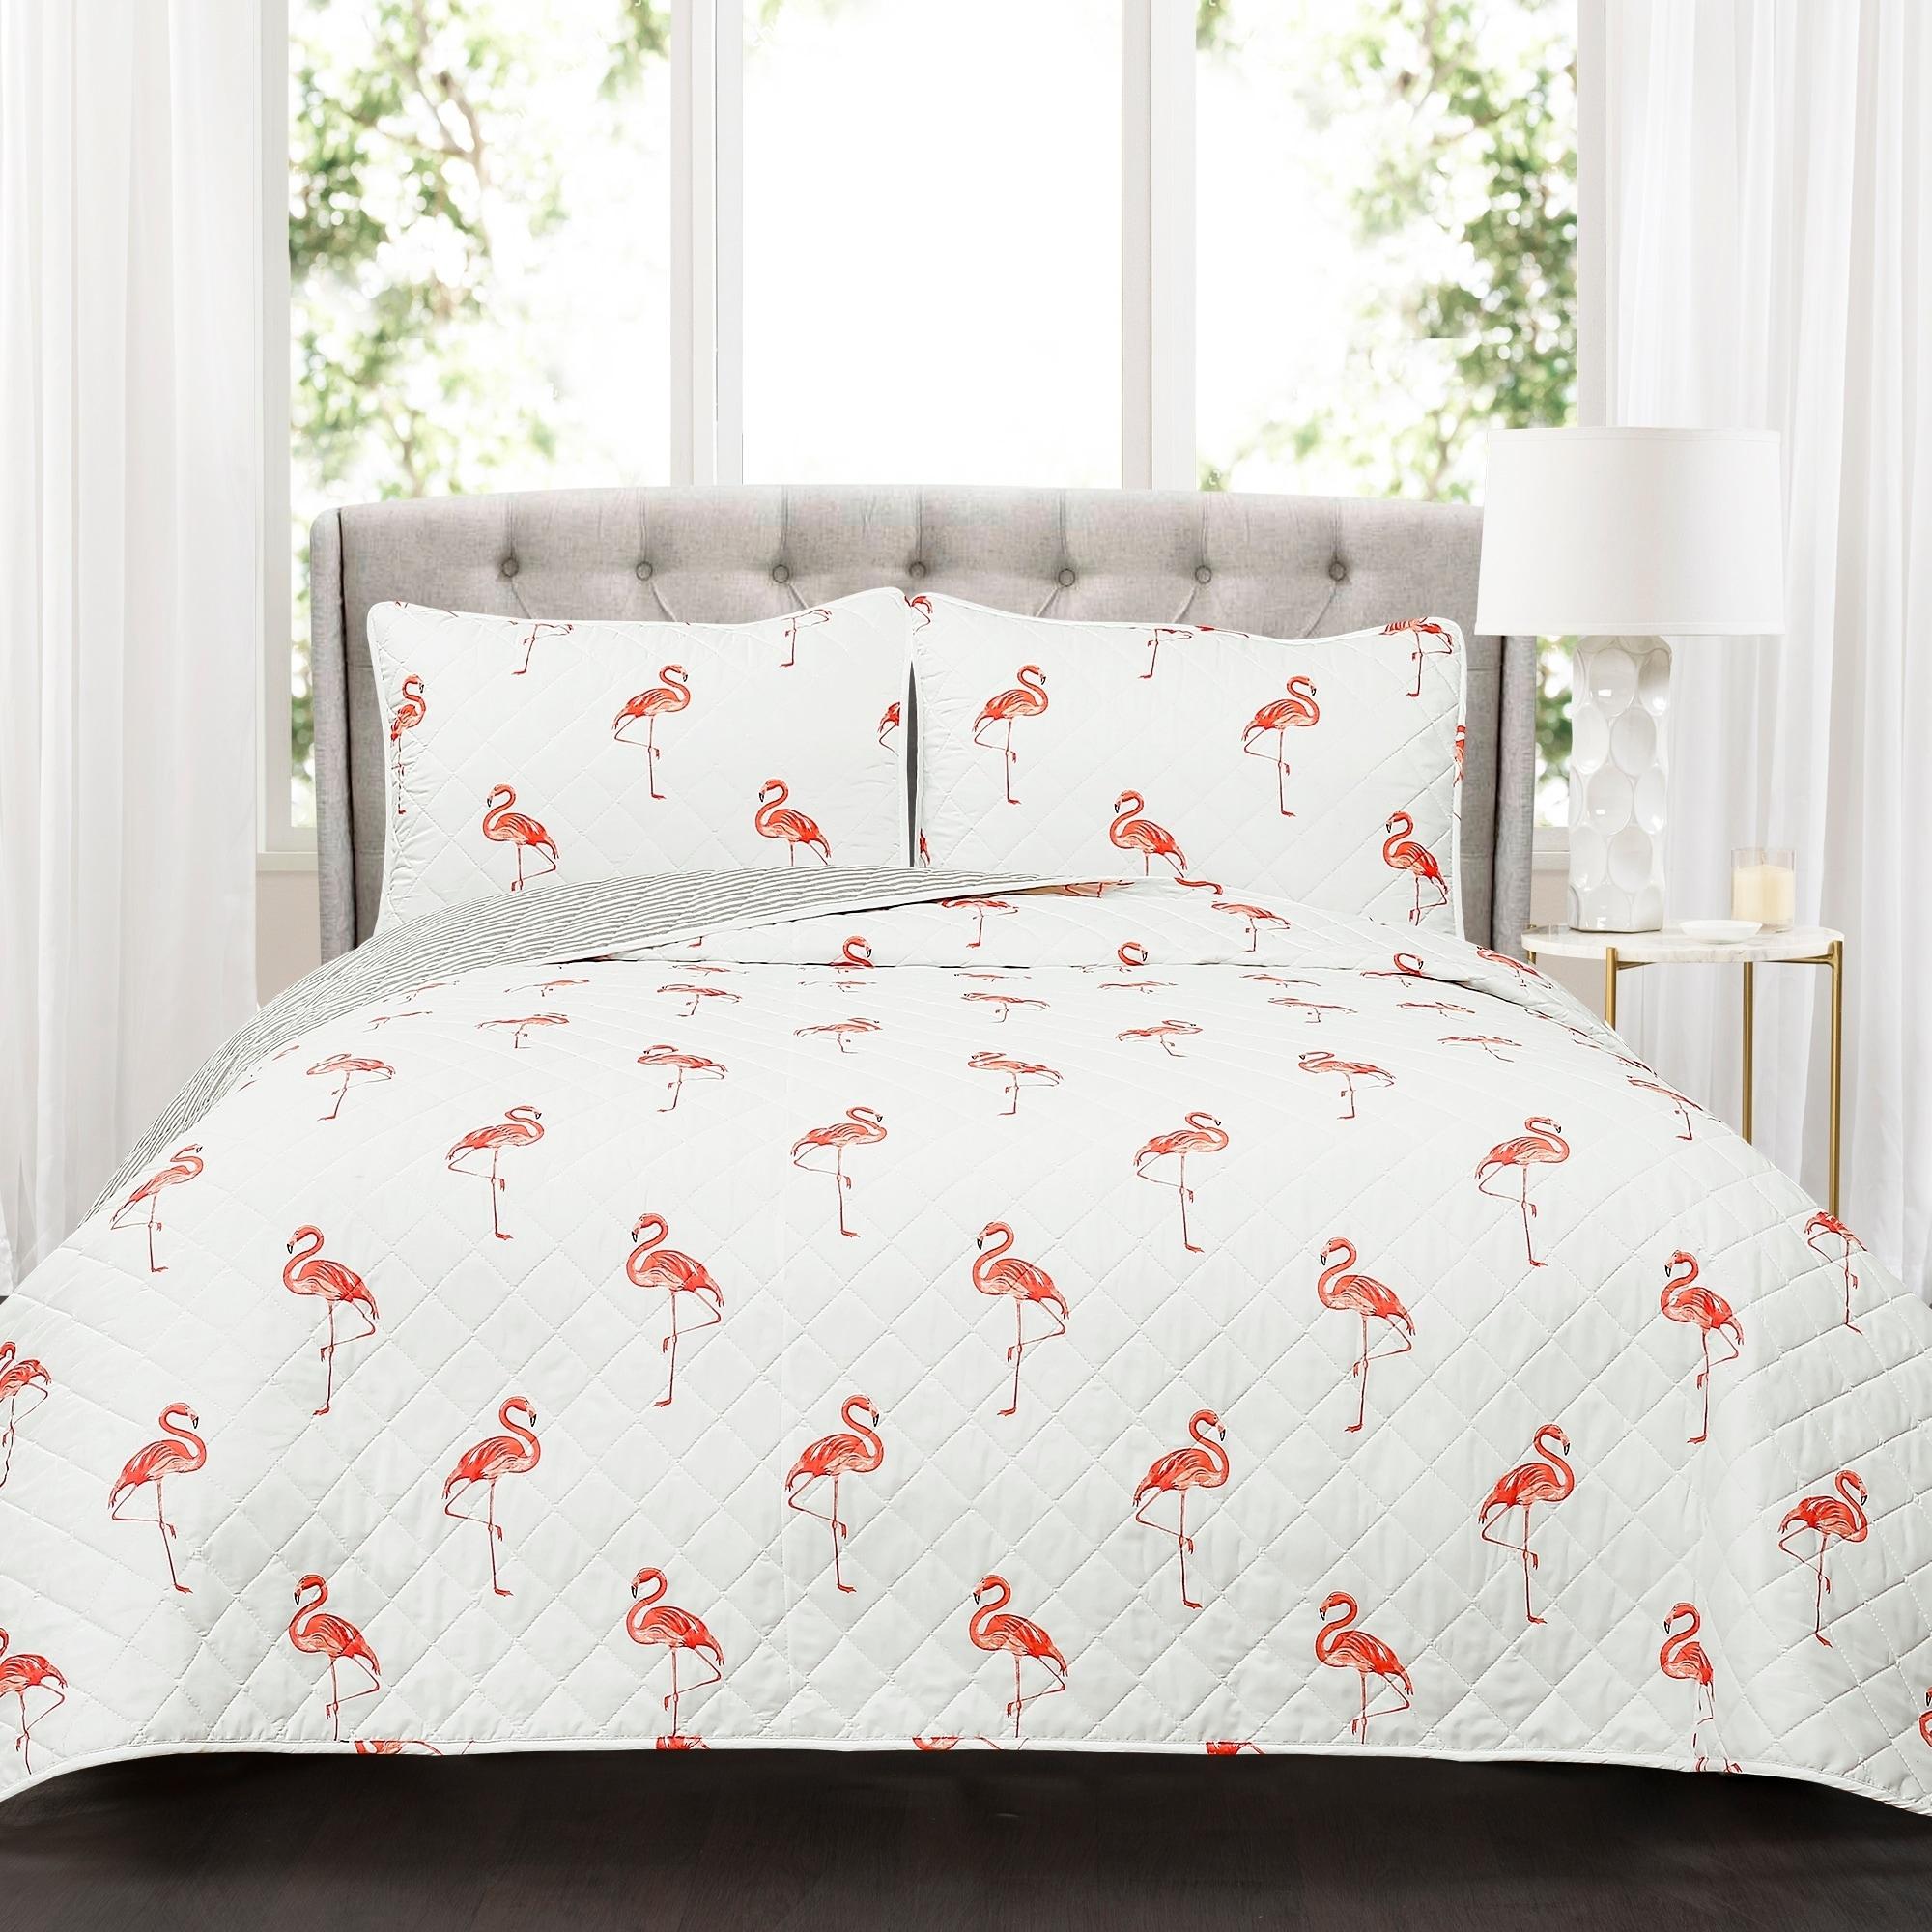 Flamingo Bedding Set 3 Piece Tropical Print Duvet Cover And Pillowcases Decor